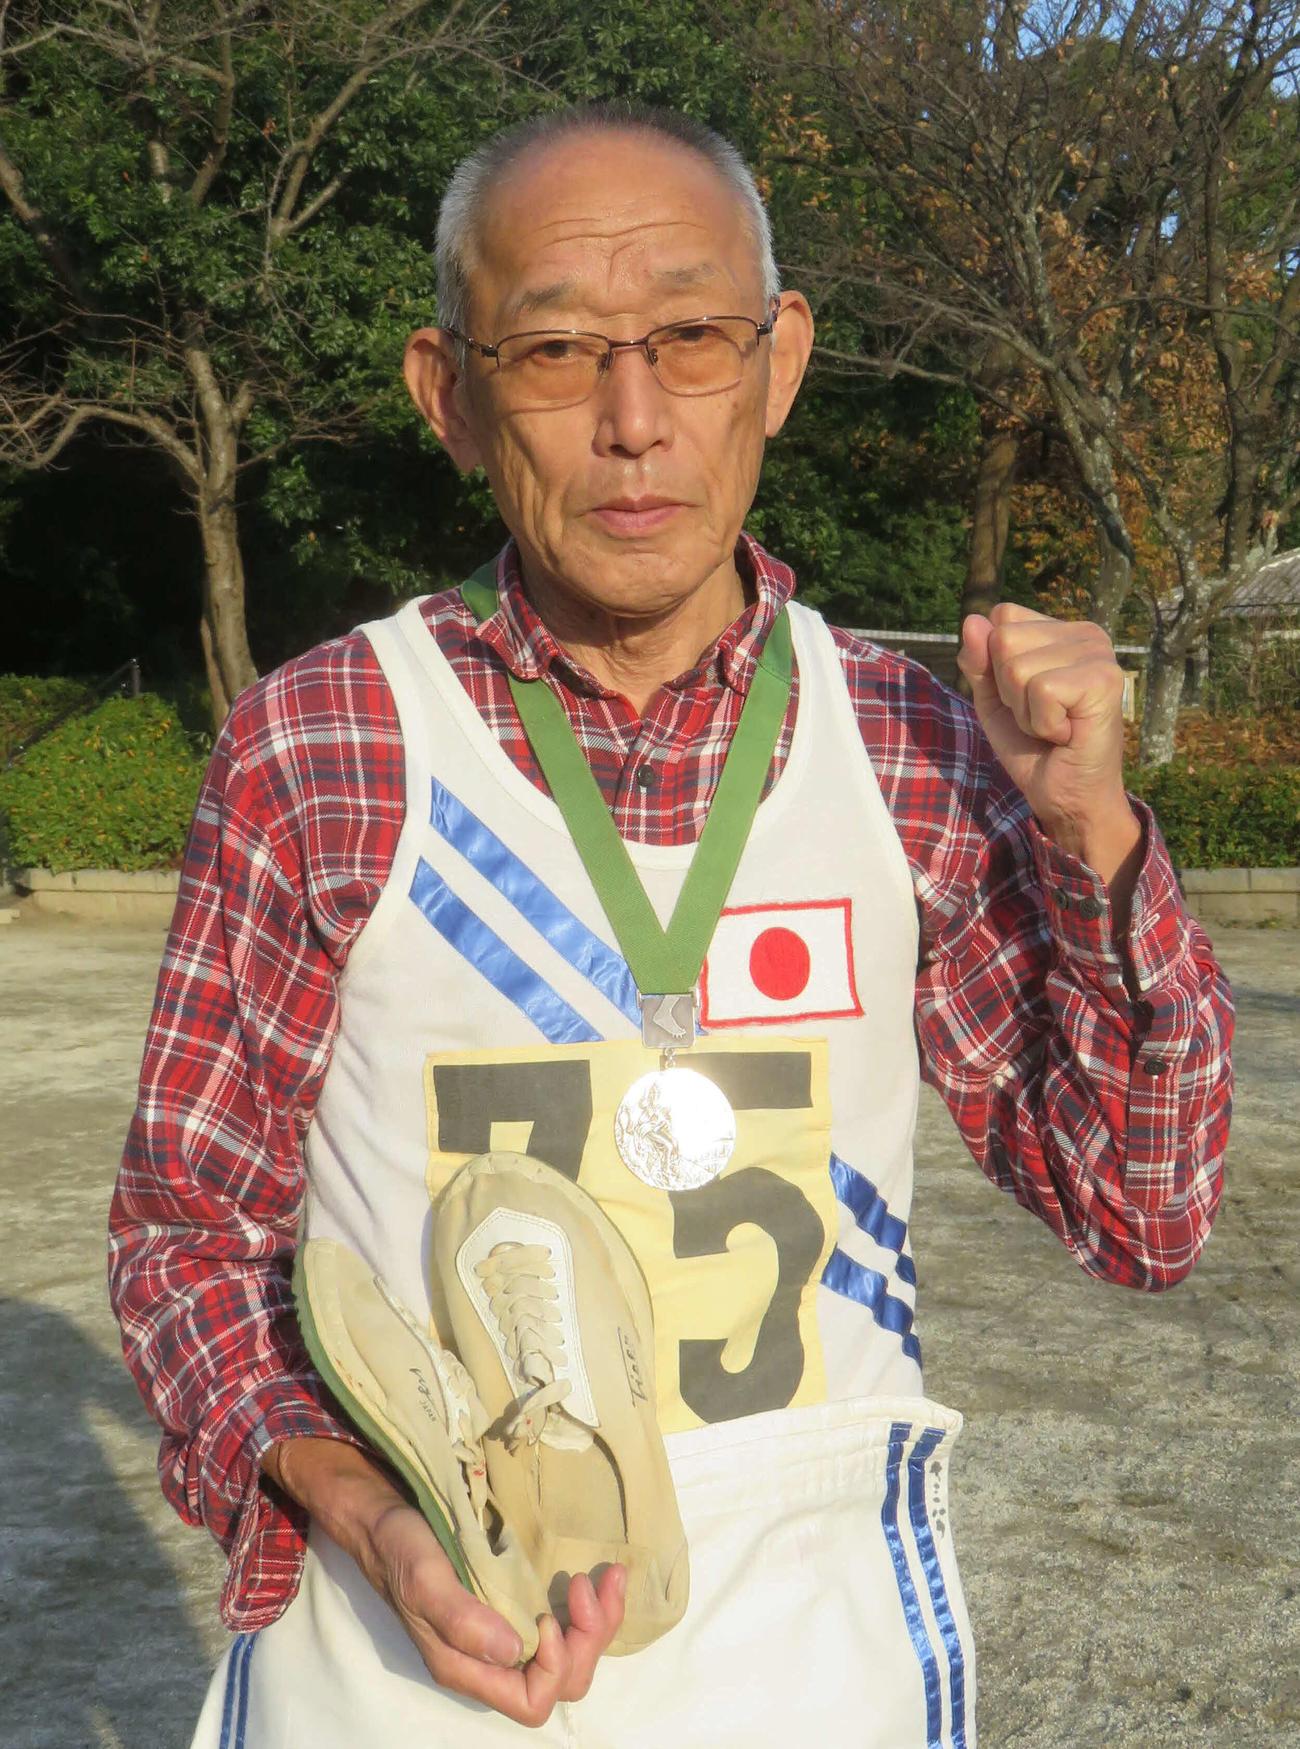 福島・須賀川市で聖火リレー最終ランナーを務める予定だった君原健二さん